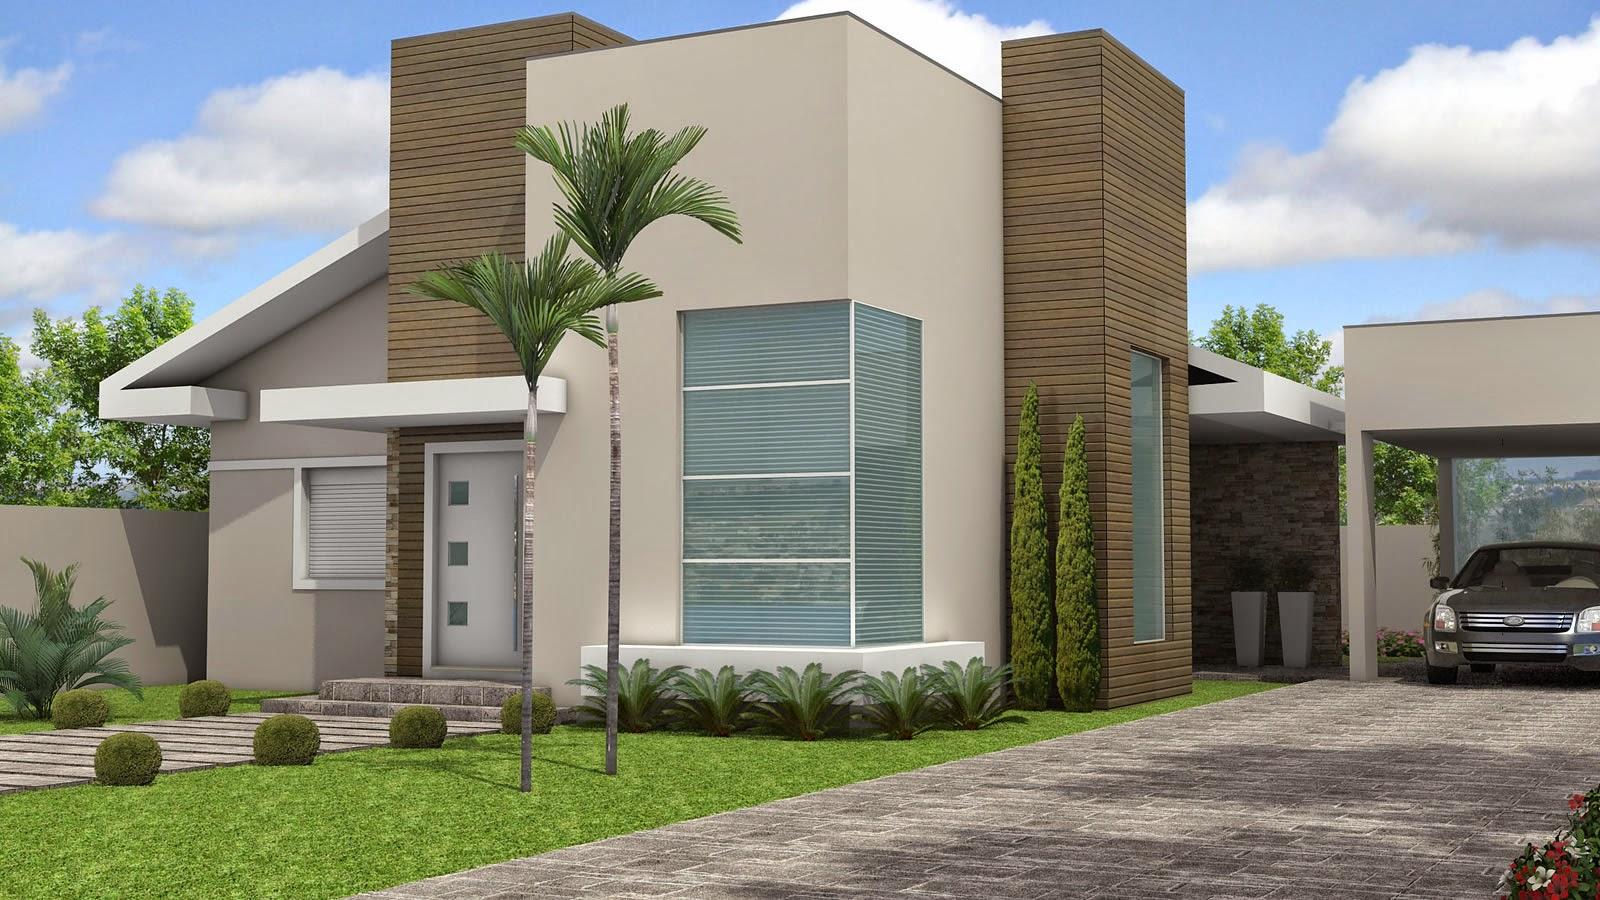 escolha a cor perfeita para a fachada da sua casa